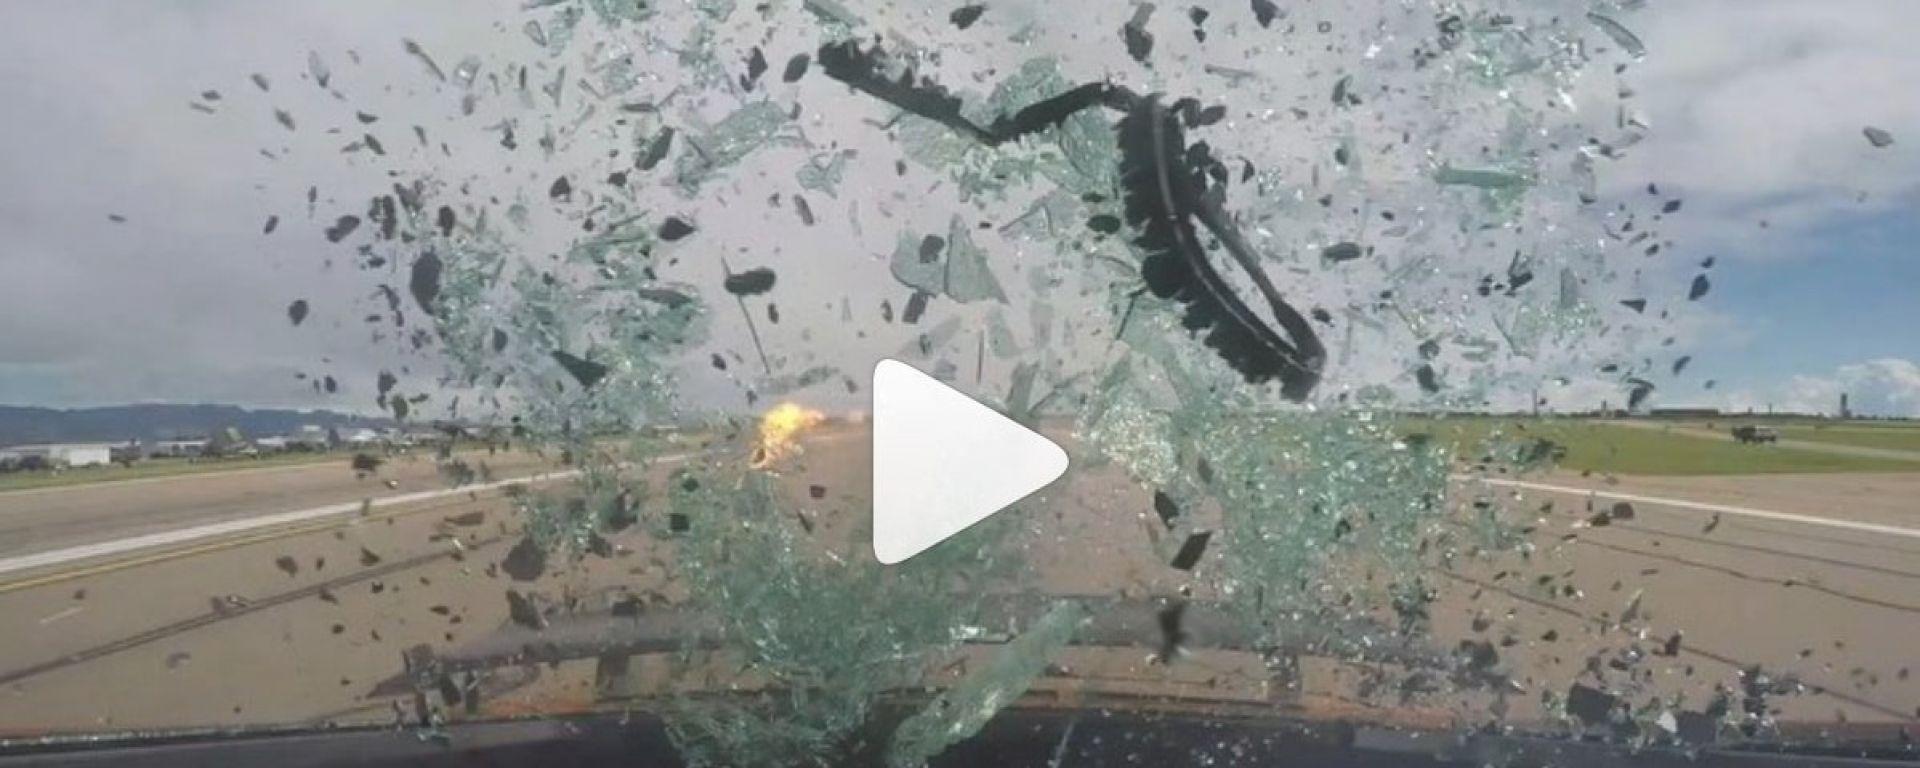 Instagram: l'Audi R8 è troppo pimpata e il vetro esplode